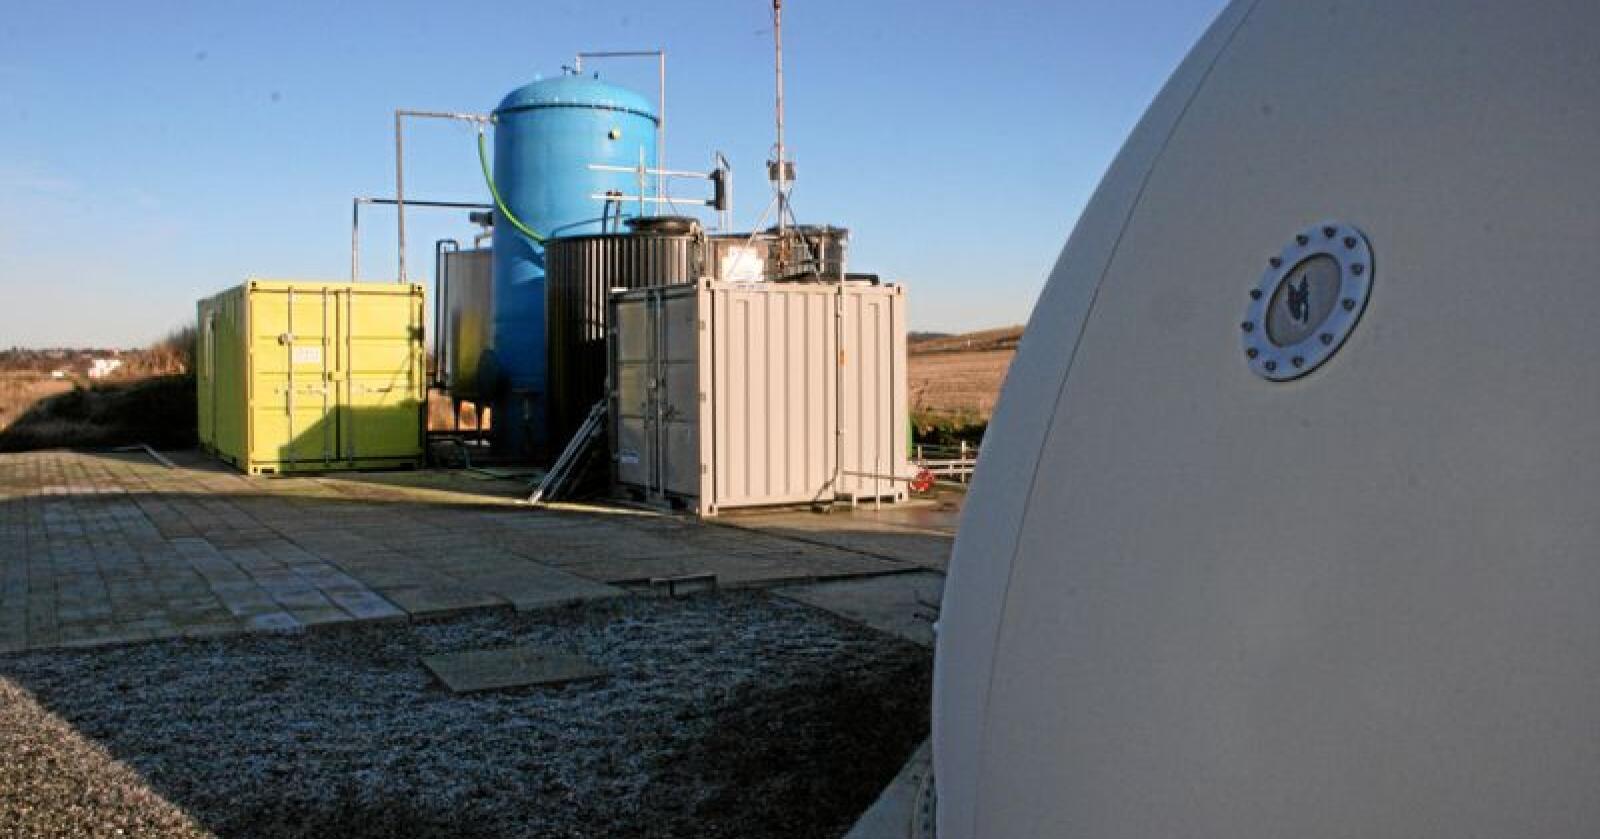 Mye av klimagassutslippene fra landbruket (her fra gassanlegg på gård i Rogaland) er metan. Og metan forsvinner etter 12 år i atmosfæren, påpeker kronikøren. Foto: Bjarne B. Aase